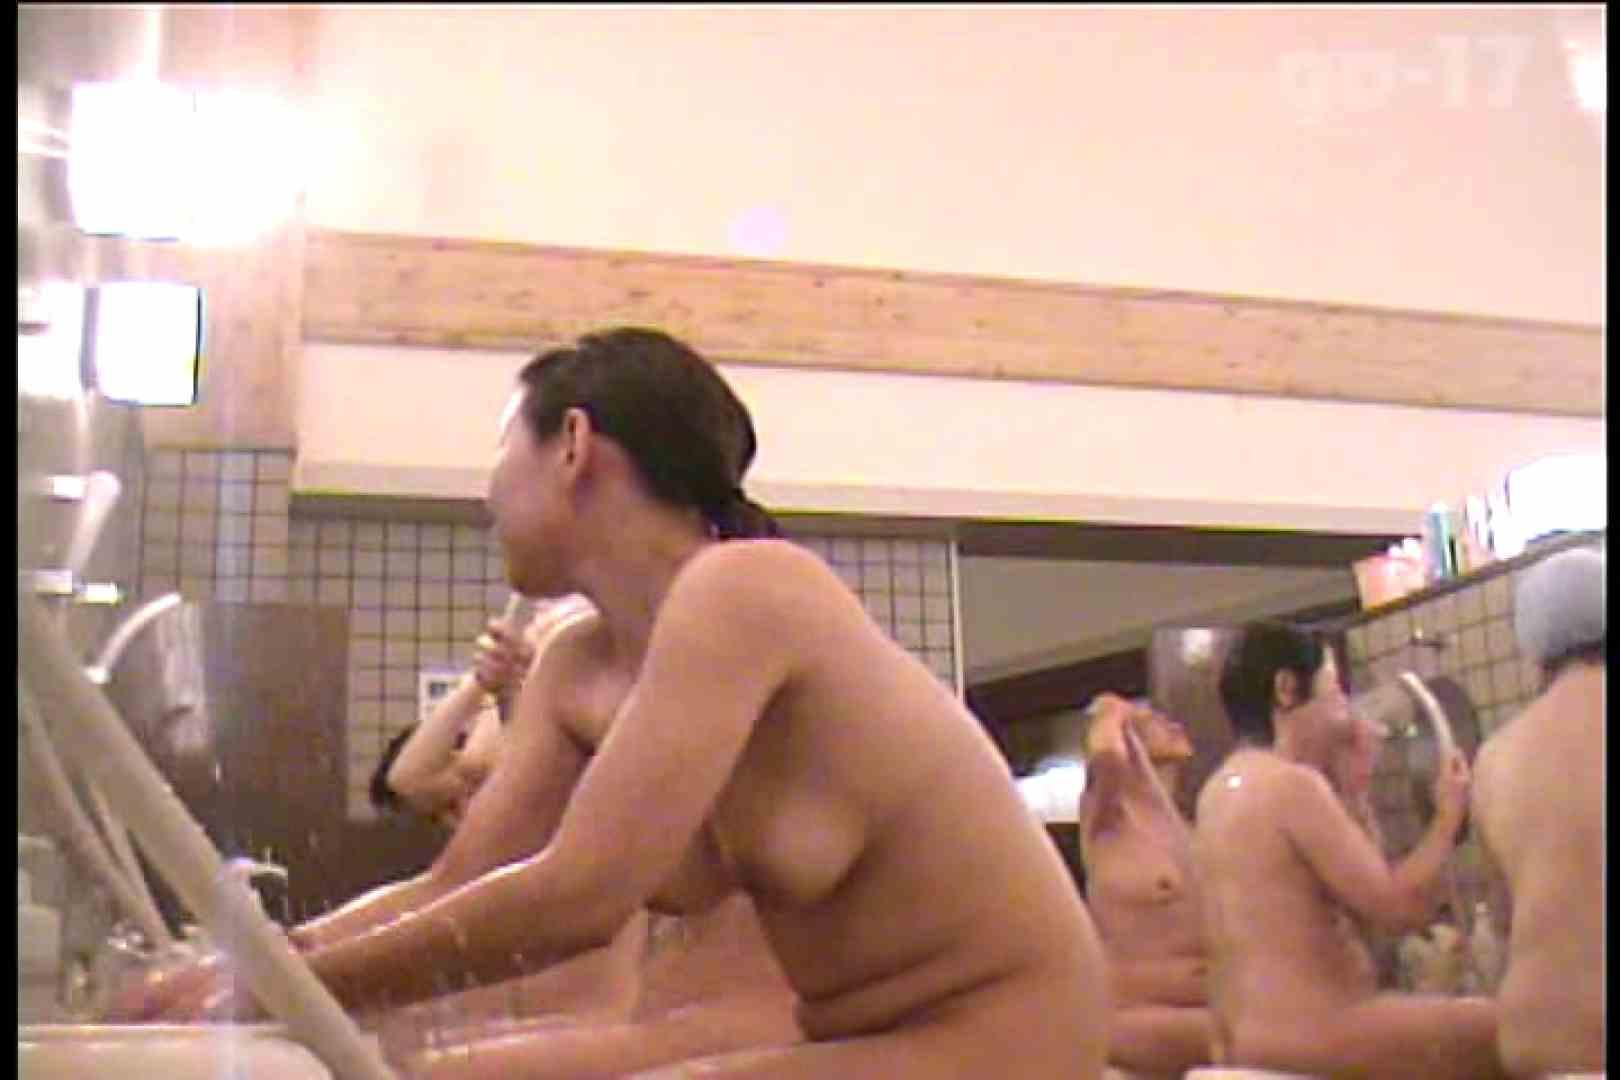 電波カメラ設置浴場からの防HAN映像 Vol.17 ギャル攻め  77画像 50